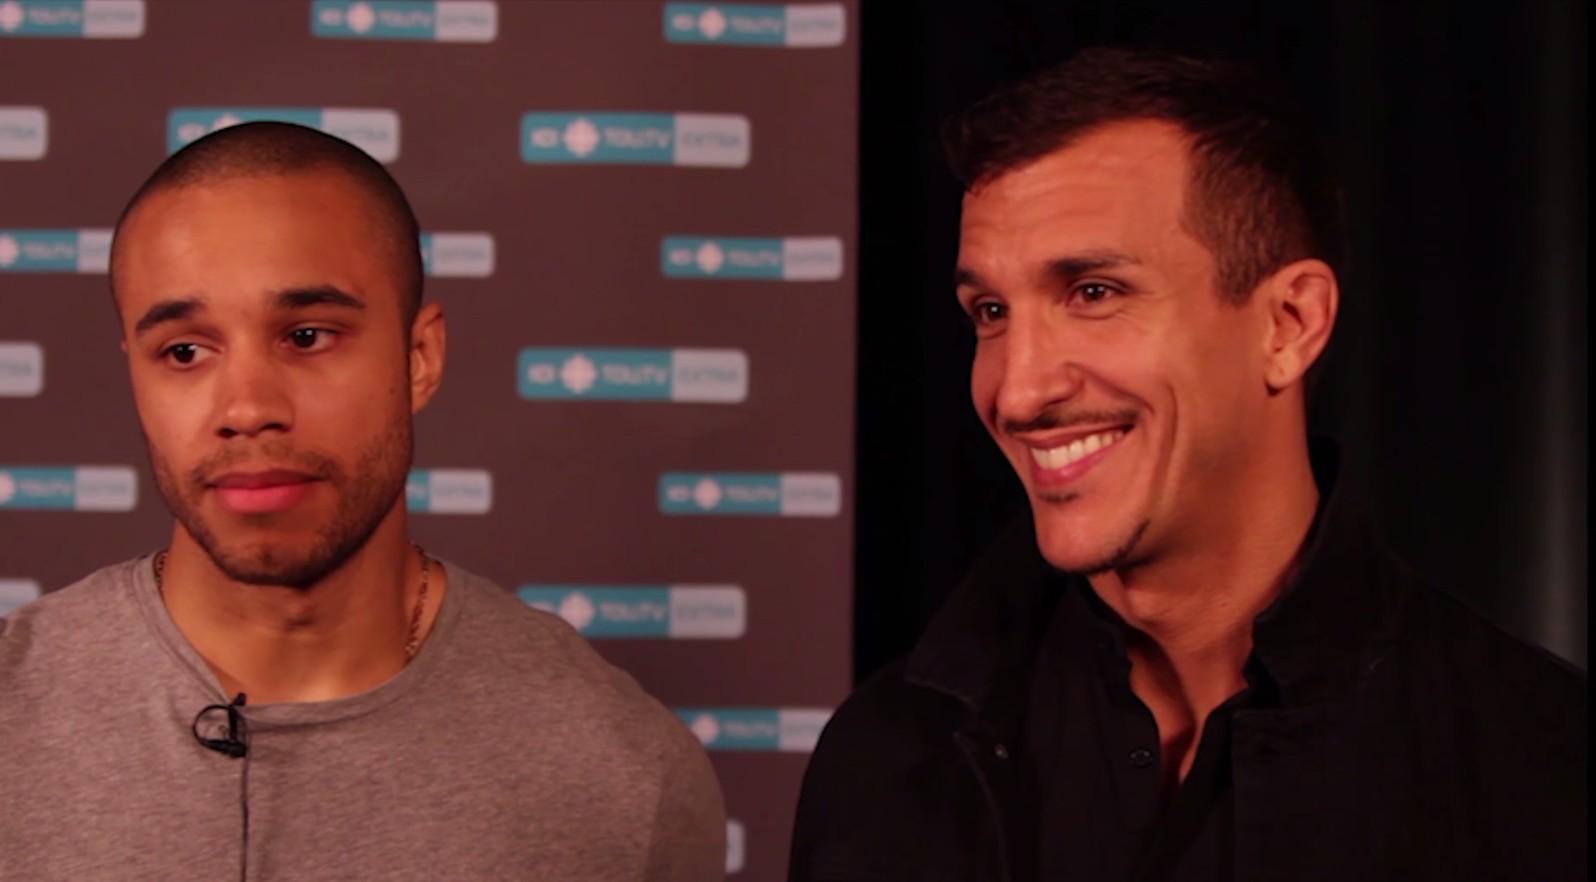 CHEVAL SERPENT : Les danseurs Francisco Randez et Sacha Charles bientôt idoles des téléspectatrices [ vidéo ]